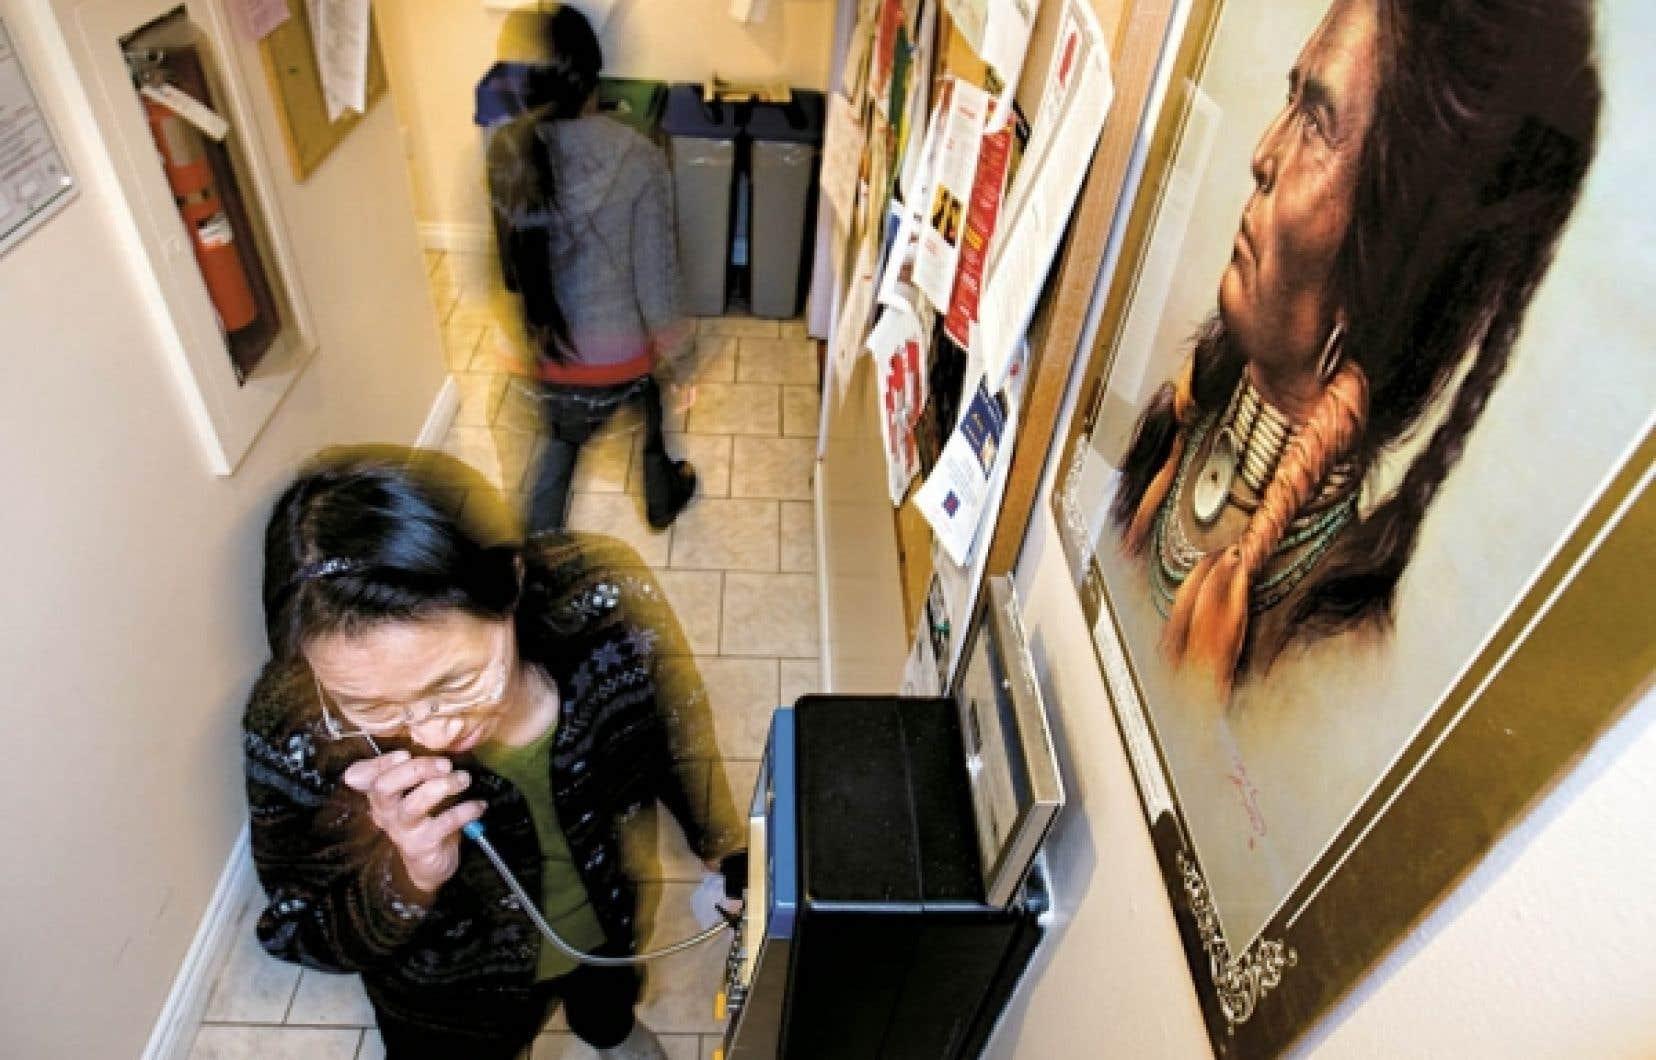 Refuge pour femmes inuites à Montréal. À une discrimination systémique dont sont victimes les Premiers Peuples s'ajoute une discrimination sourde à l'égard des autochtones, que ce soit dans les lieux de travail, dans le logement, dans les commerces, etc.<br />